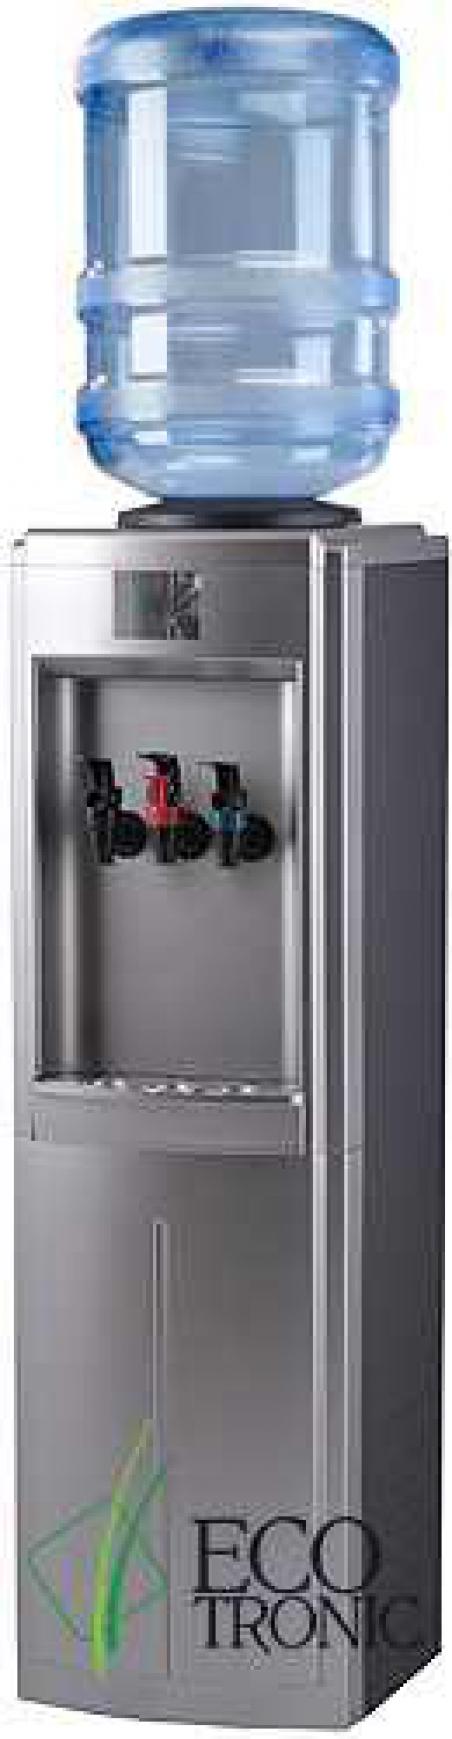 Кулер для воды Ecotronic C9-L silver - 145